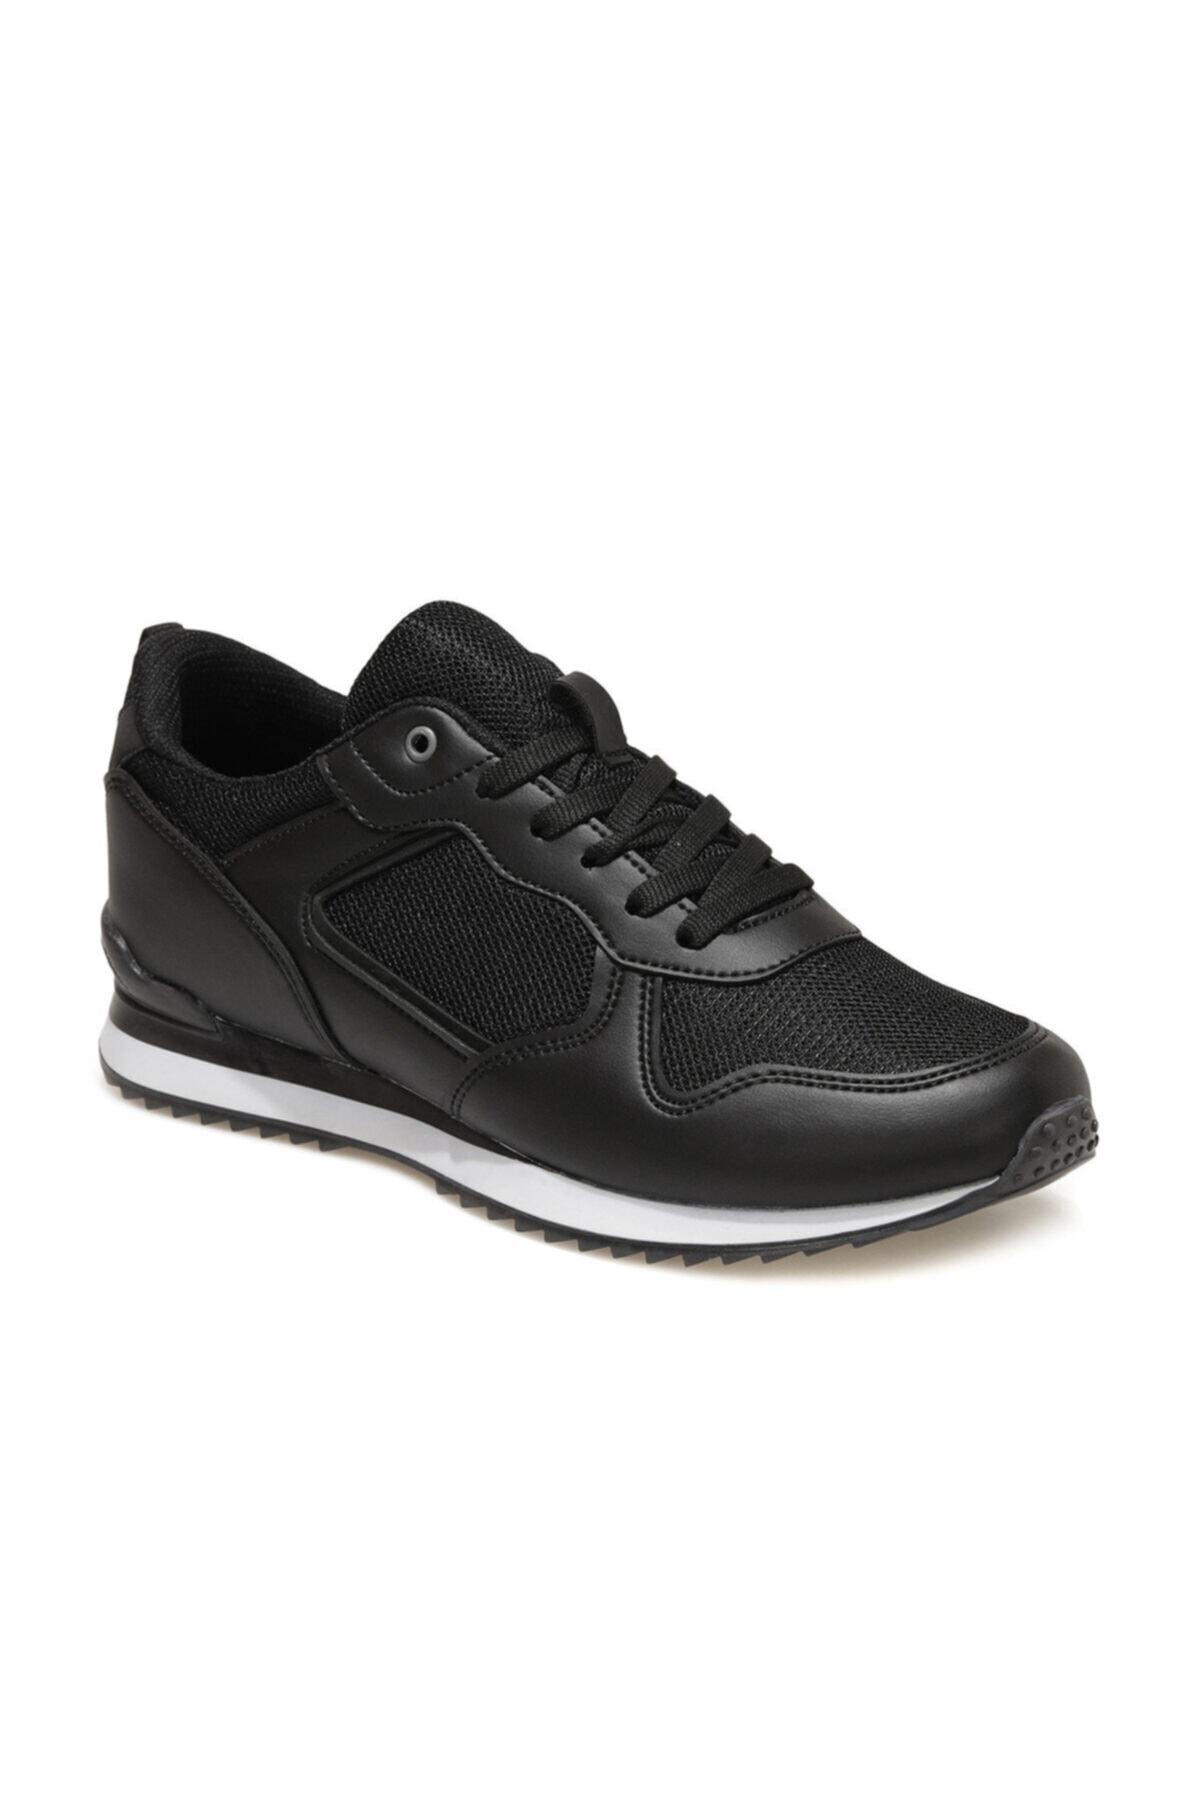 Strada 1fx Siyah Erkek Casual Ayakkabı